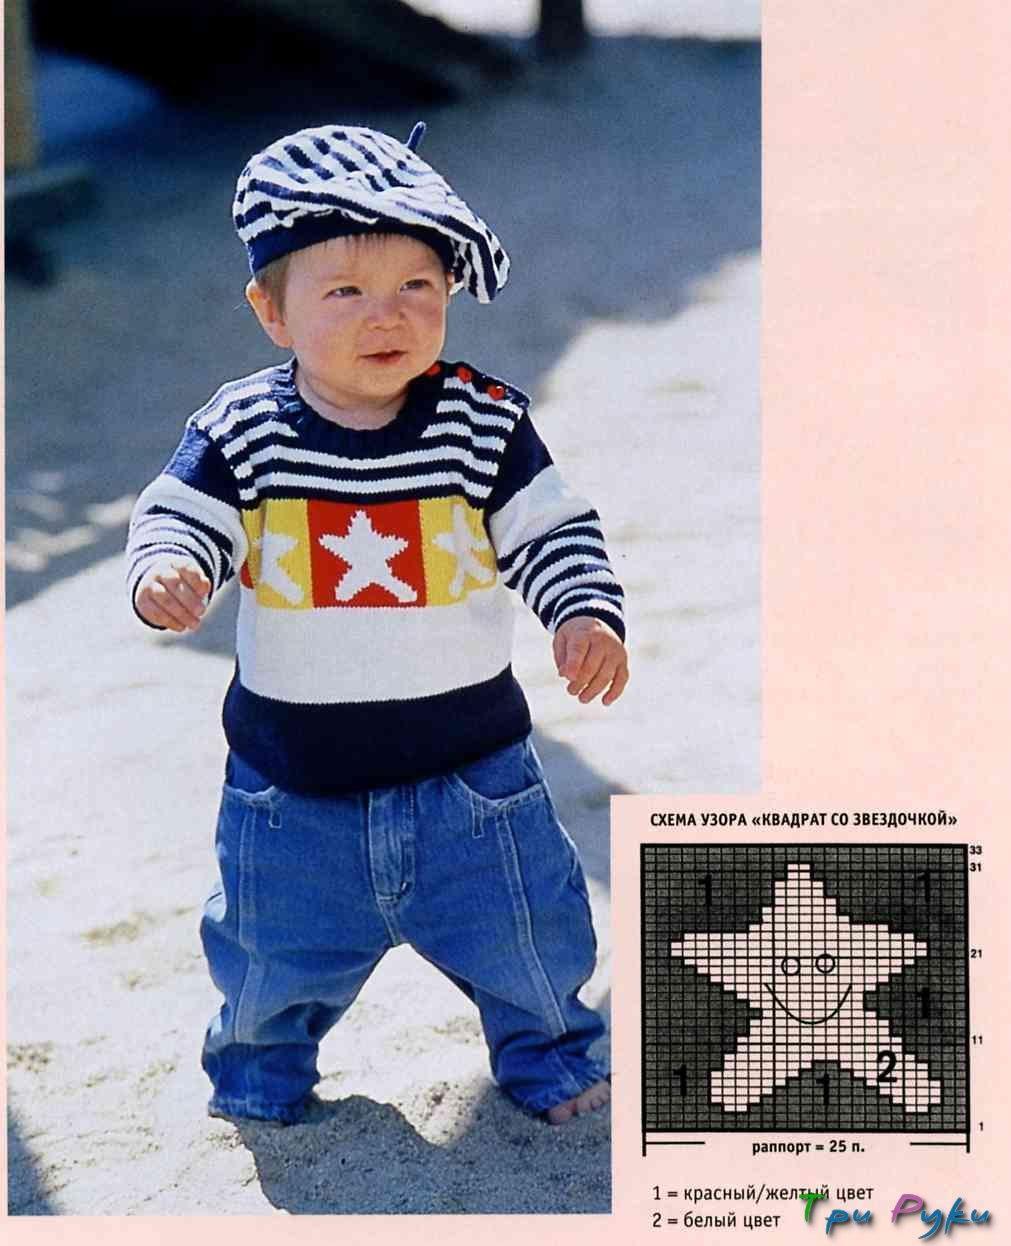 Теплый пуловер для мальчика и штанишки (1)